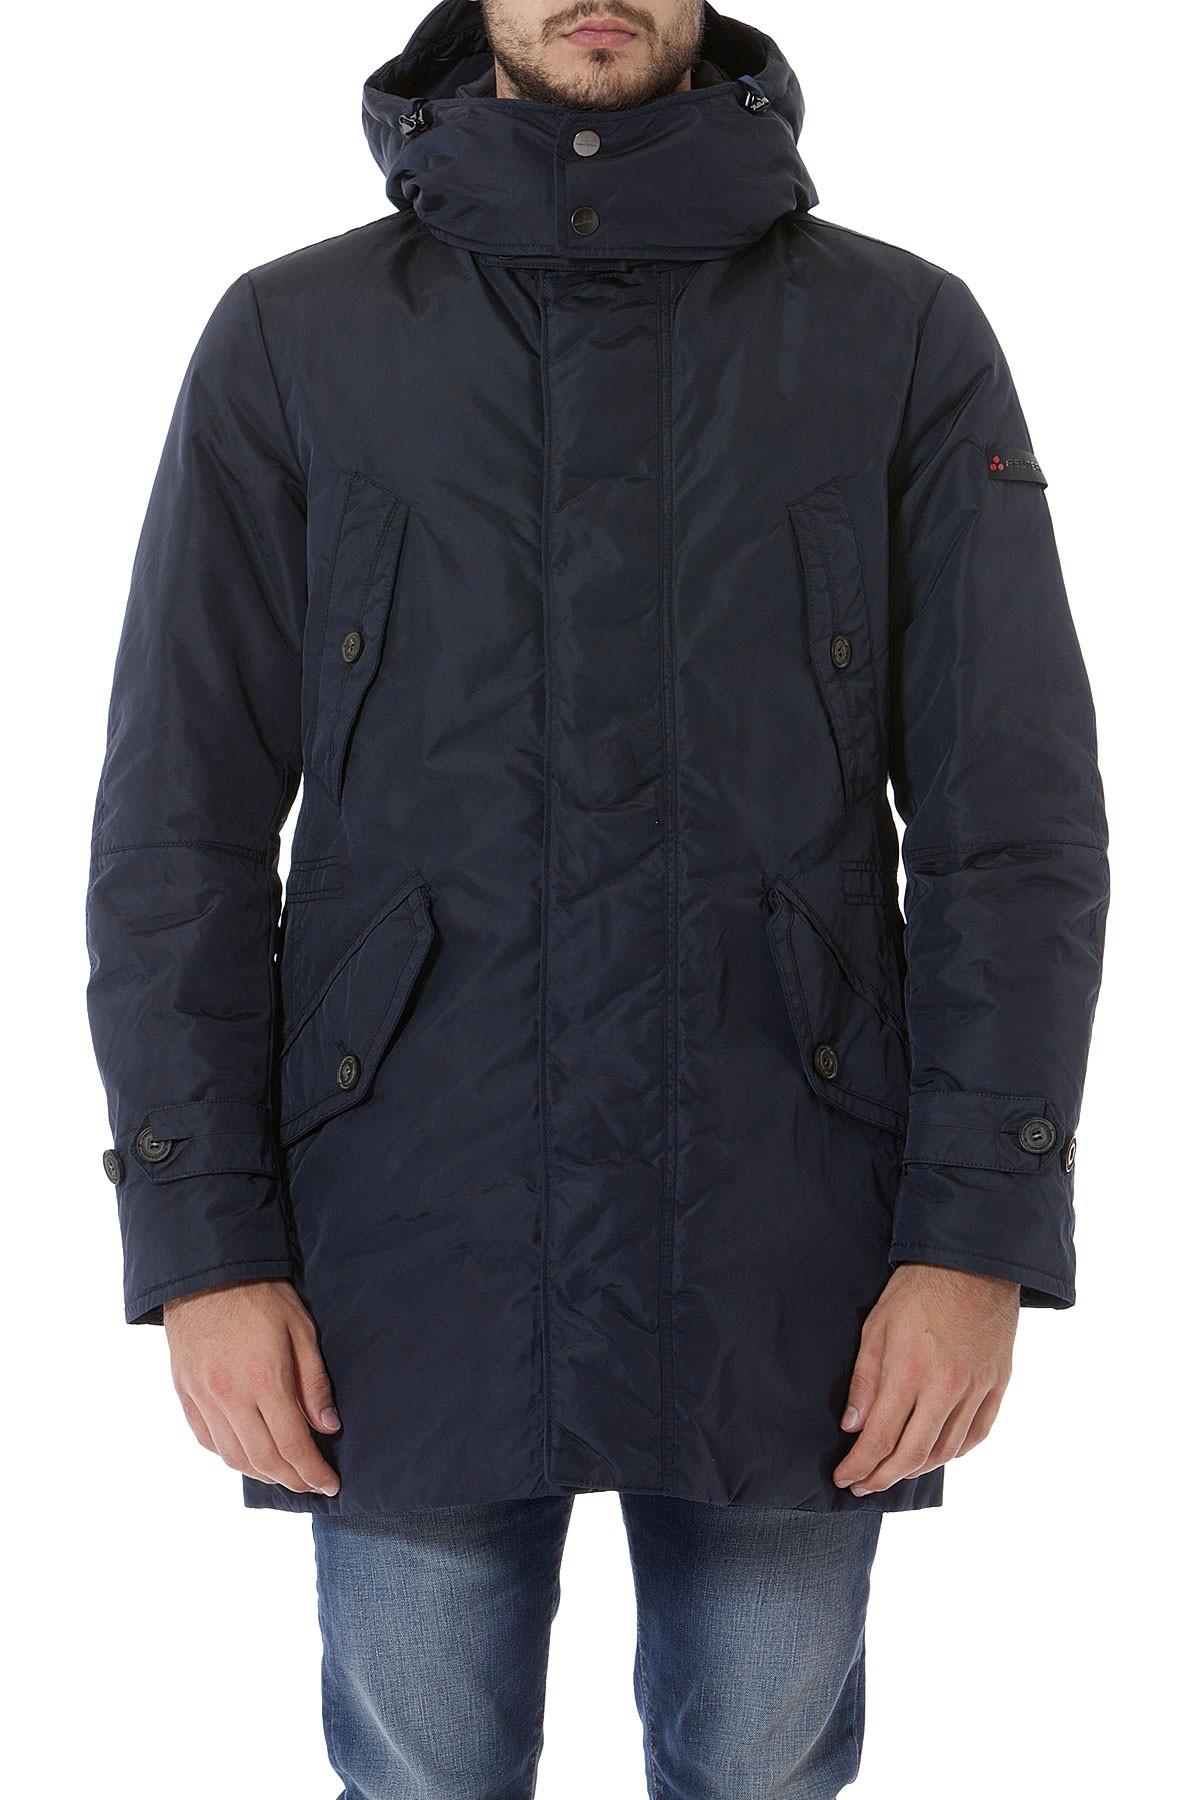 buy online c9a11 cd8de PEUTEREY Blue jacket for man autumn winter 14-15